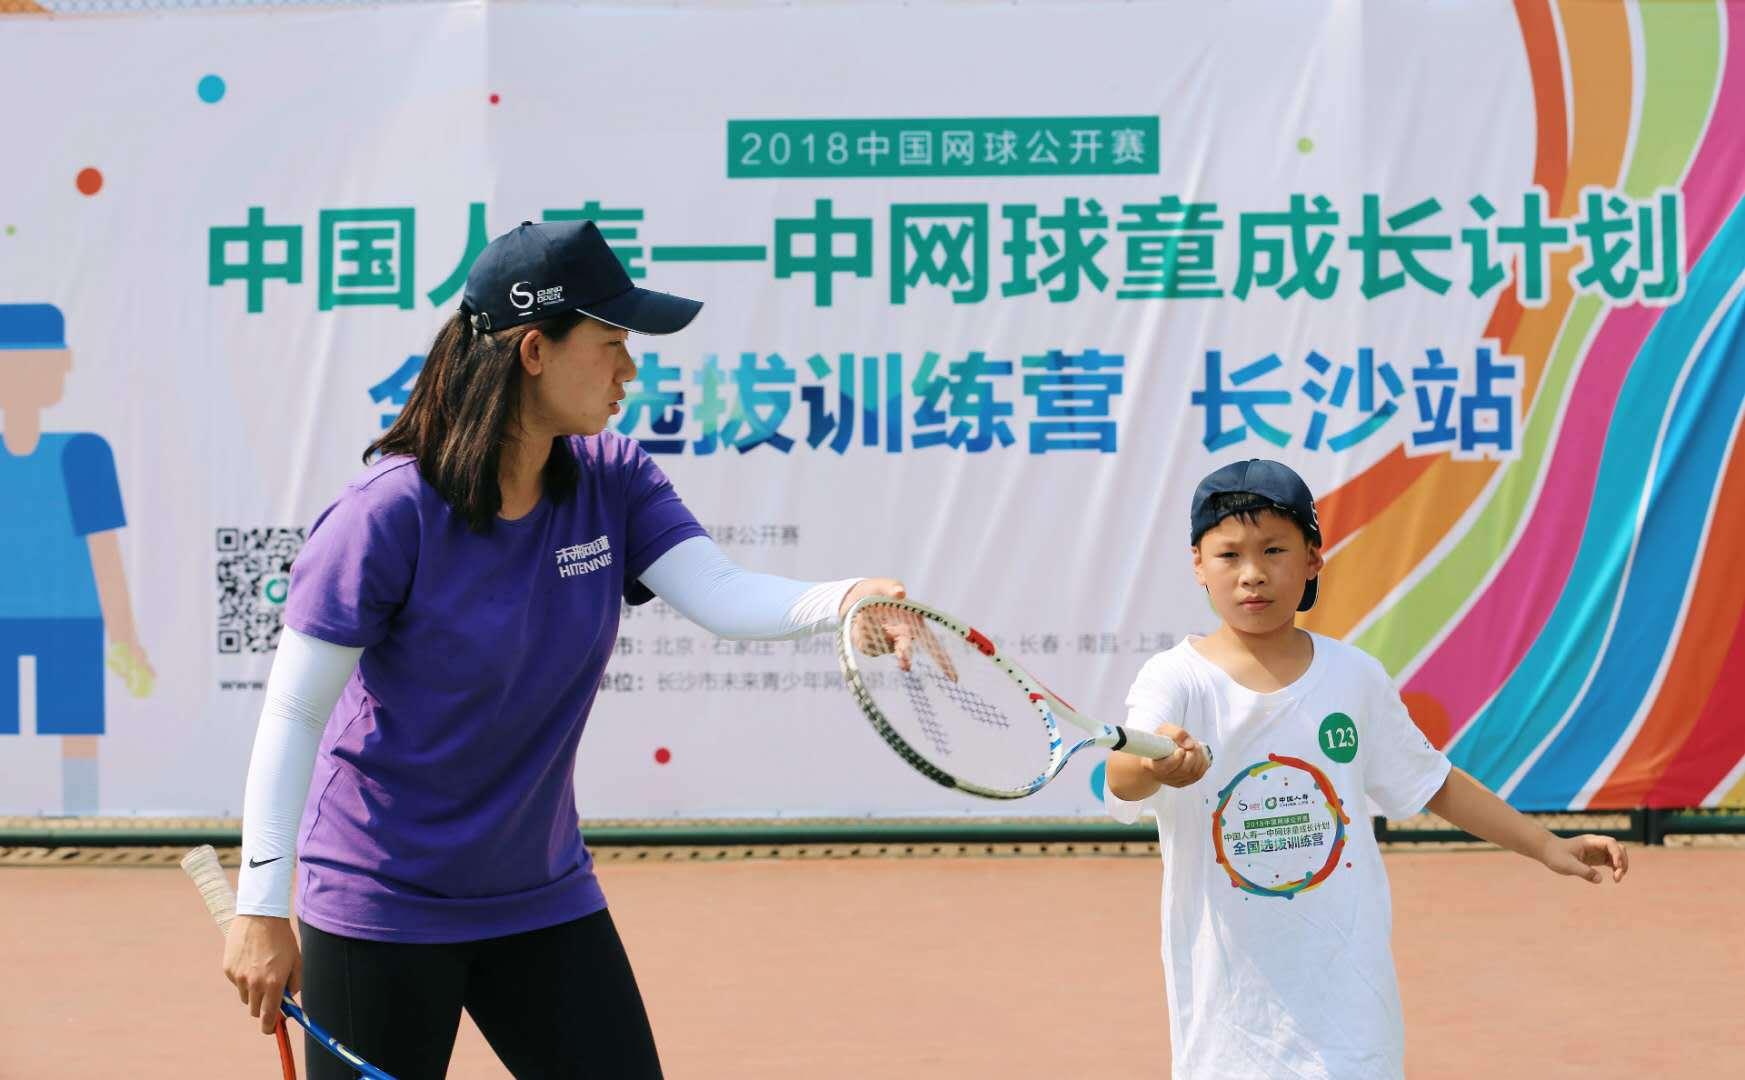 中网球童练习营走进长沙 200余小球迷埋下幻想